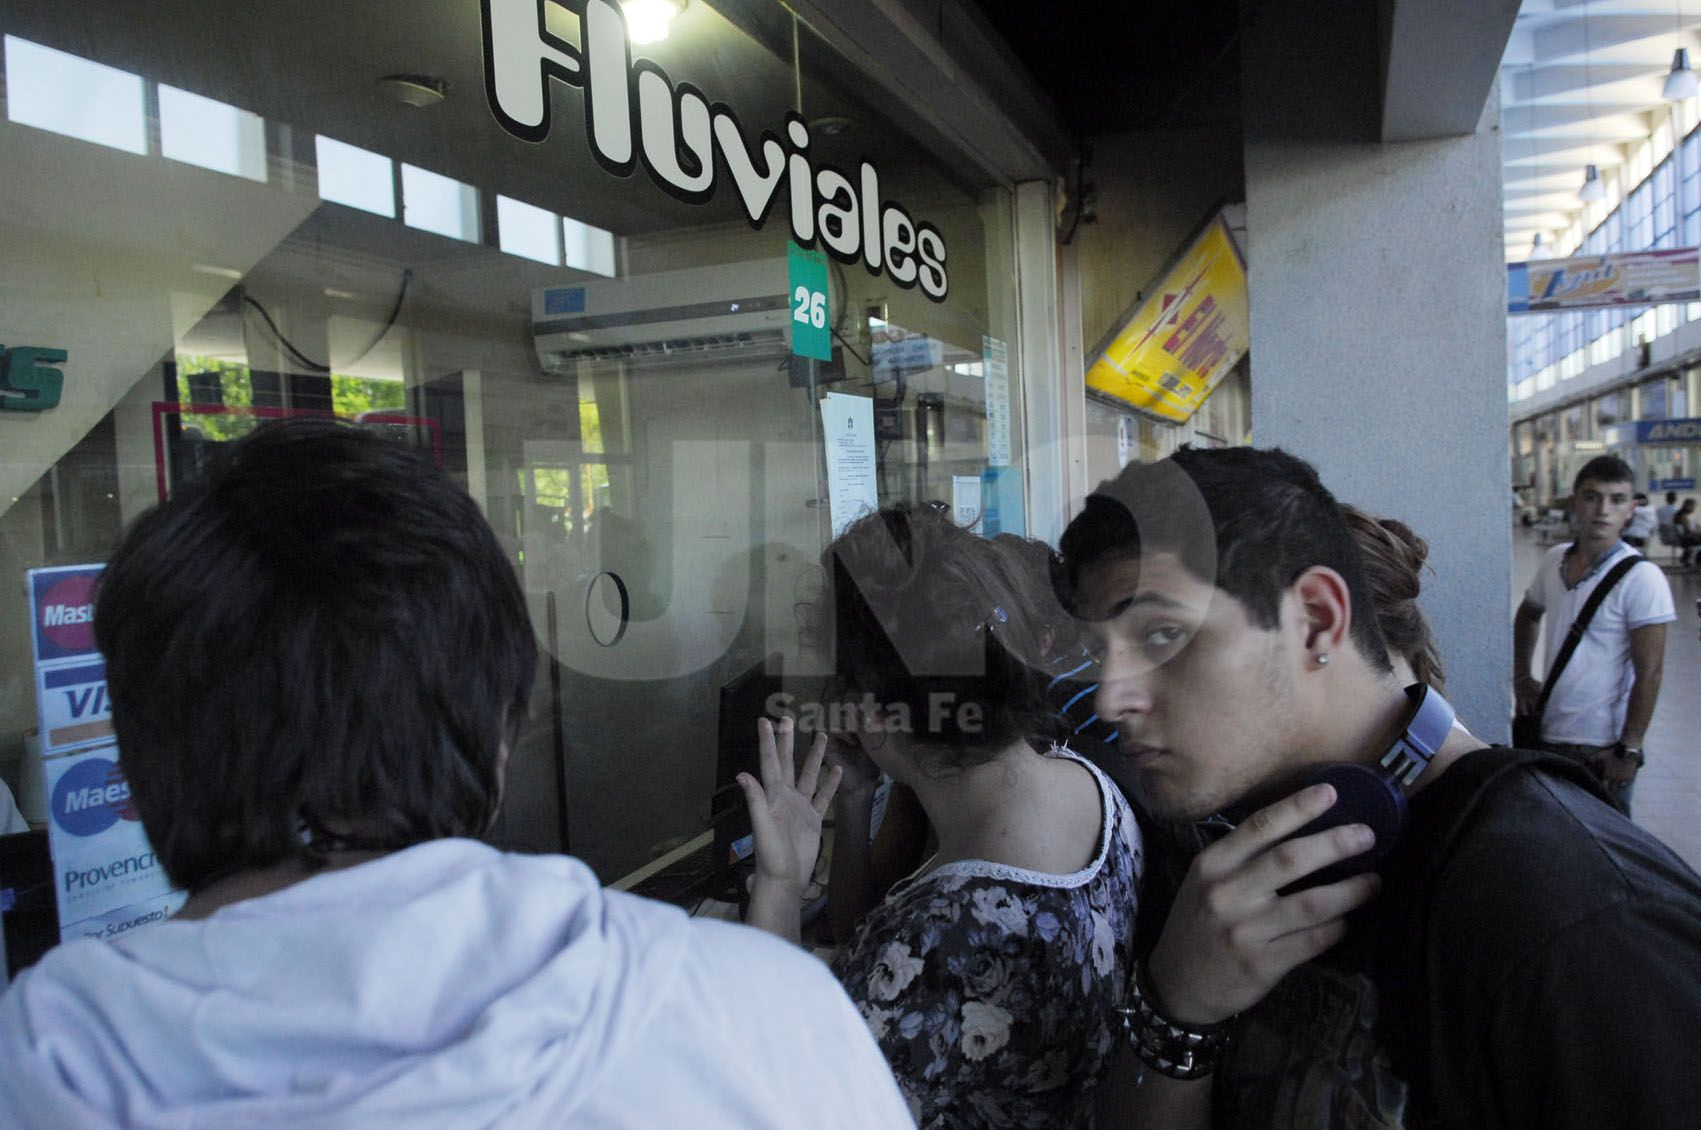 En la Uner. Reconocen que el problema del transporte ha impactado en la cantidad de inscriptos / Foto: Juan Manuel Baialardo - Uno Santa Fe